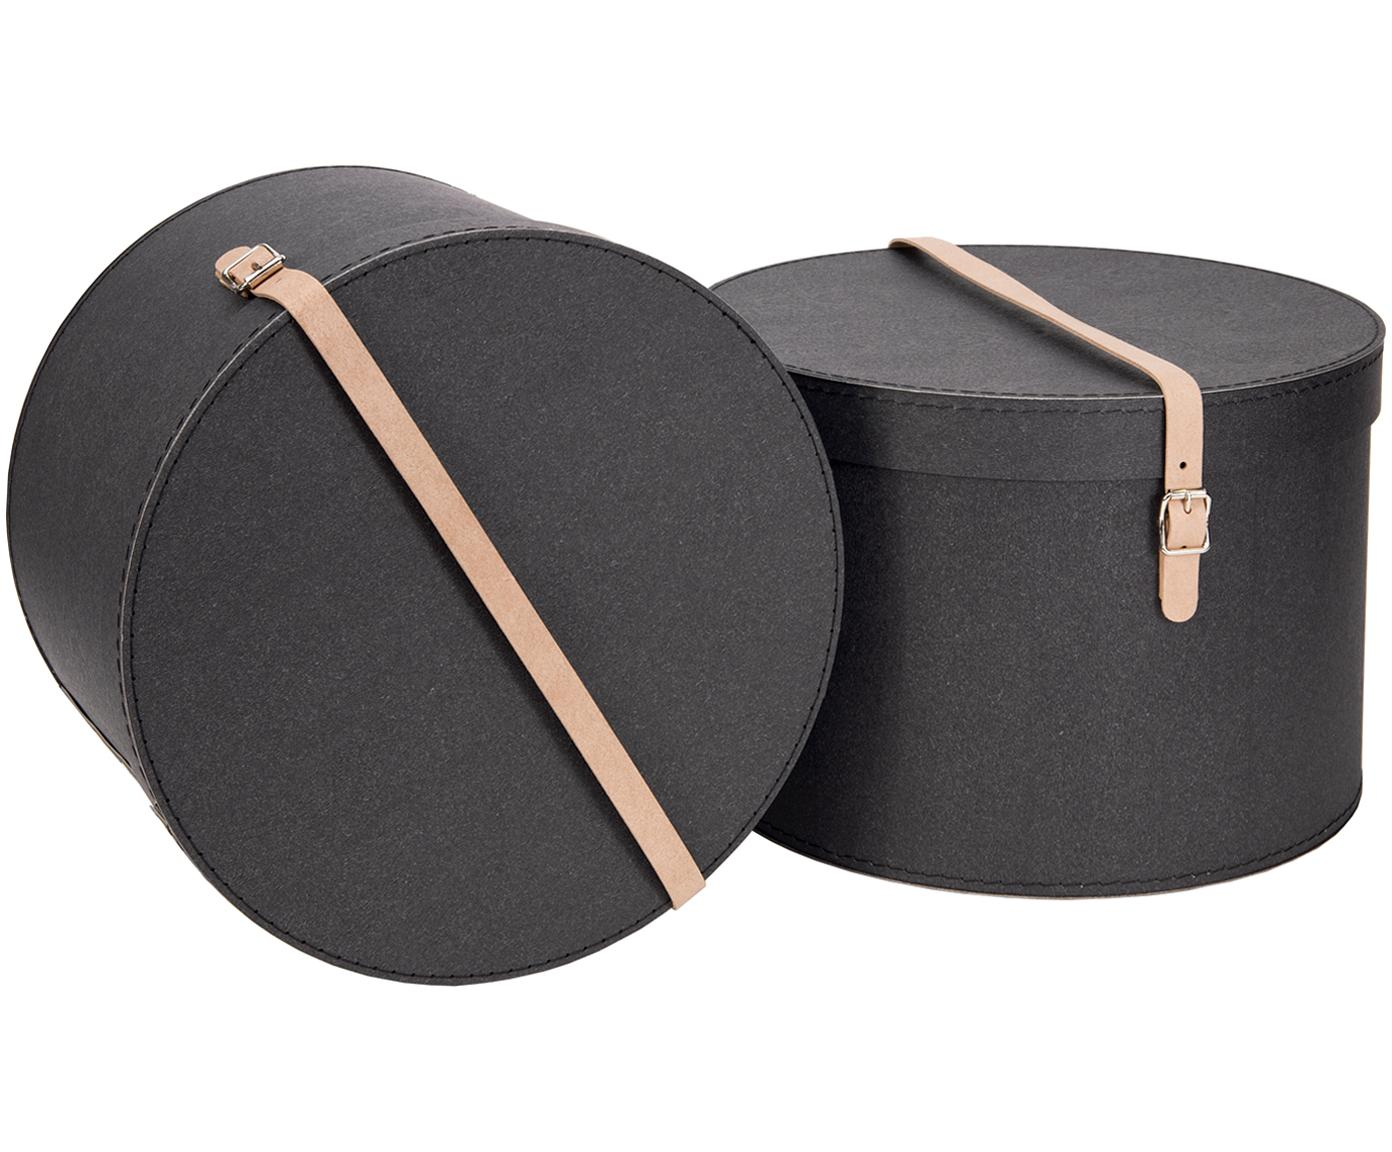 Set 2 scatole Rut, Scatola: cartone massiccio, stampa, Manico: pelle, metallo, La scatola all'esterno: nera<br>Scatola interna: nera<br>Maniglia: beige, Diverse dimensioni